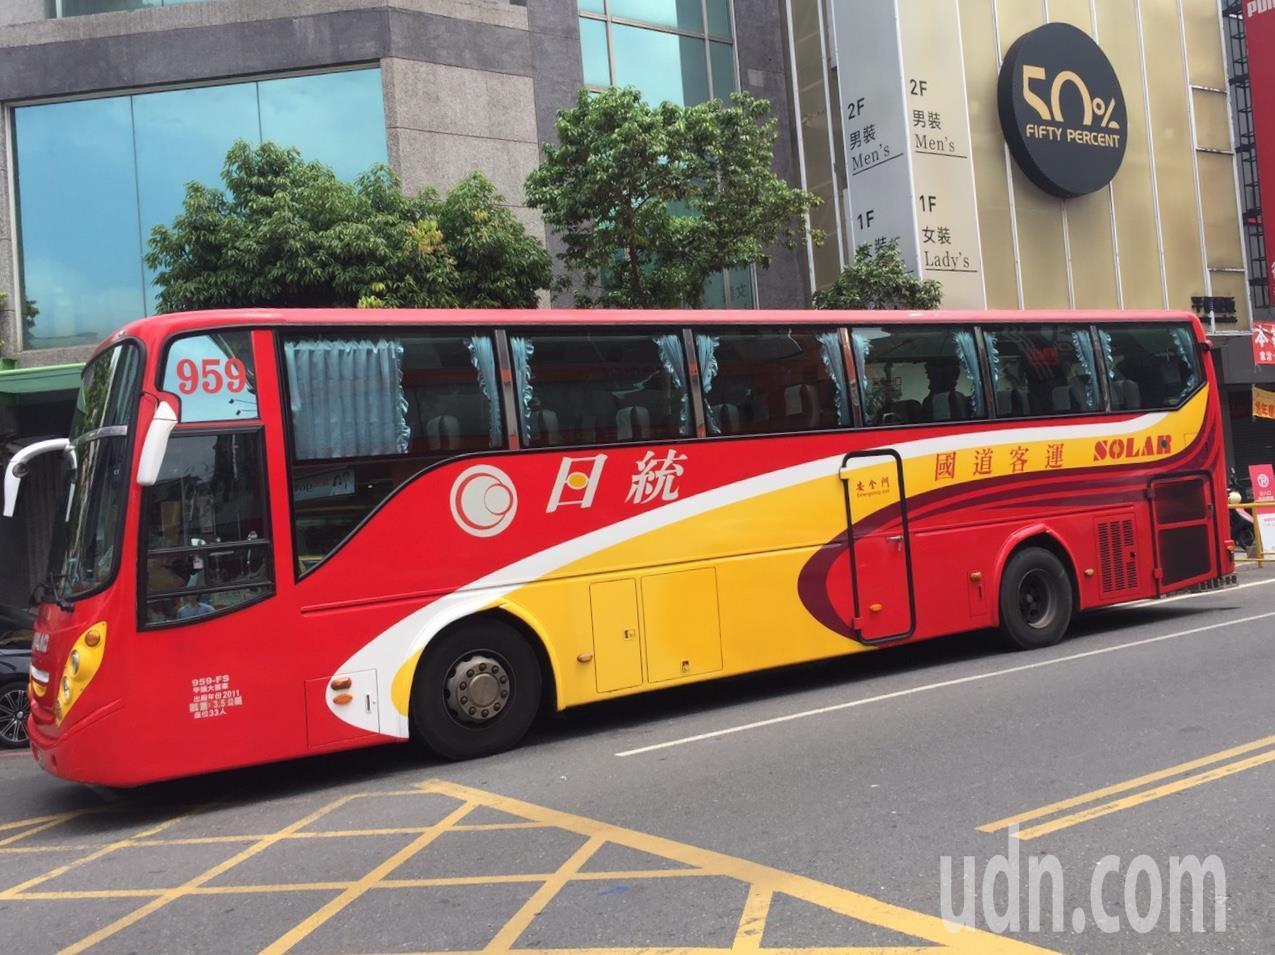 日統客運公司公告今年十月起取消國道路線老人半票優惠。記者陳雅玲/攝影